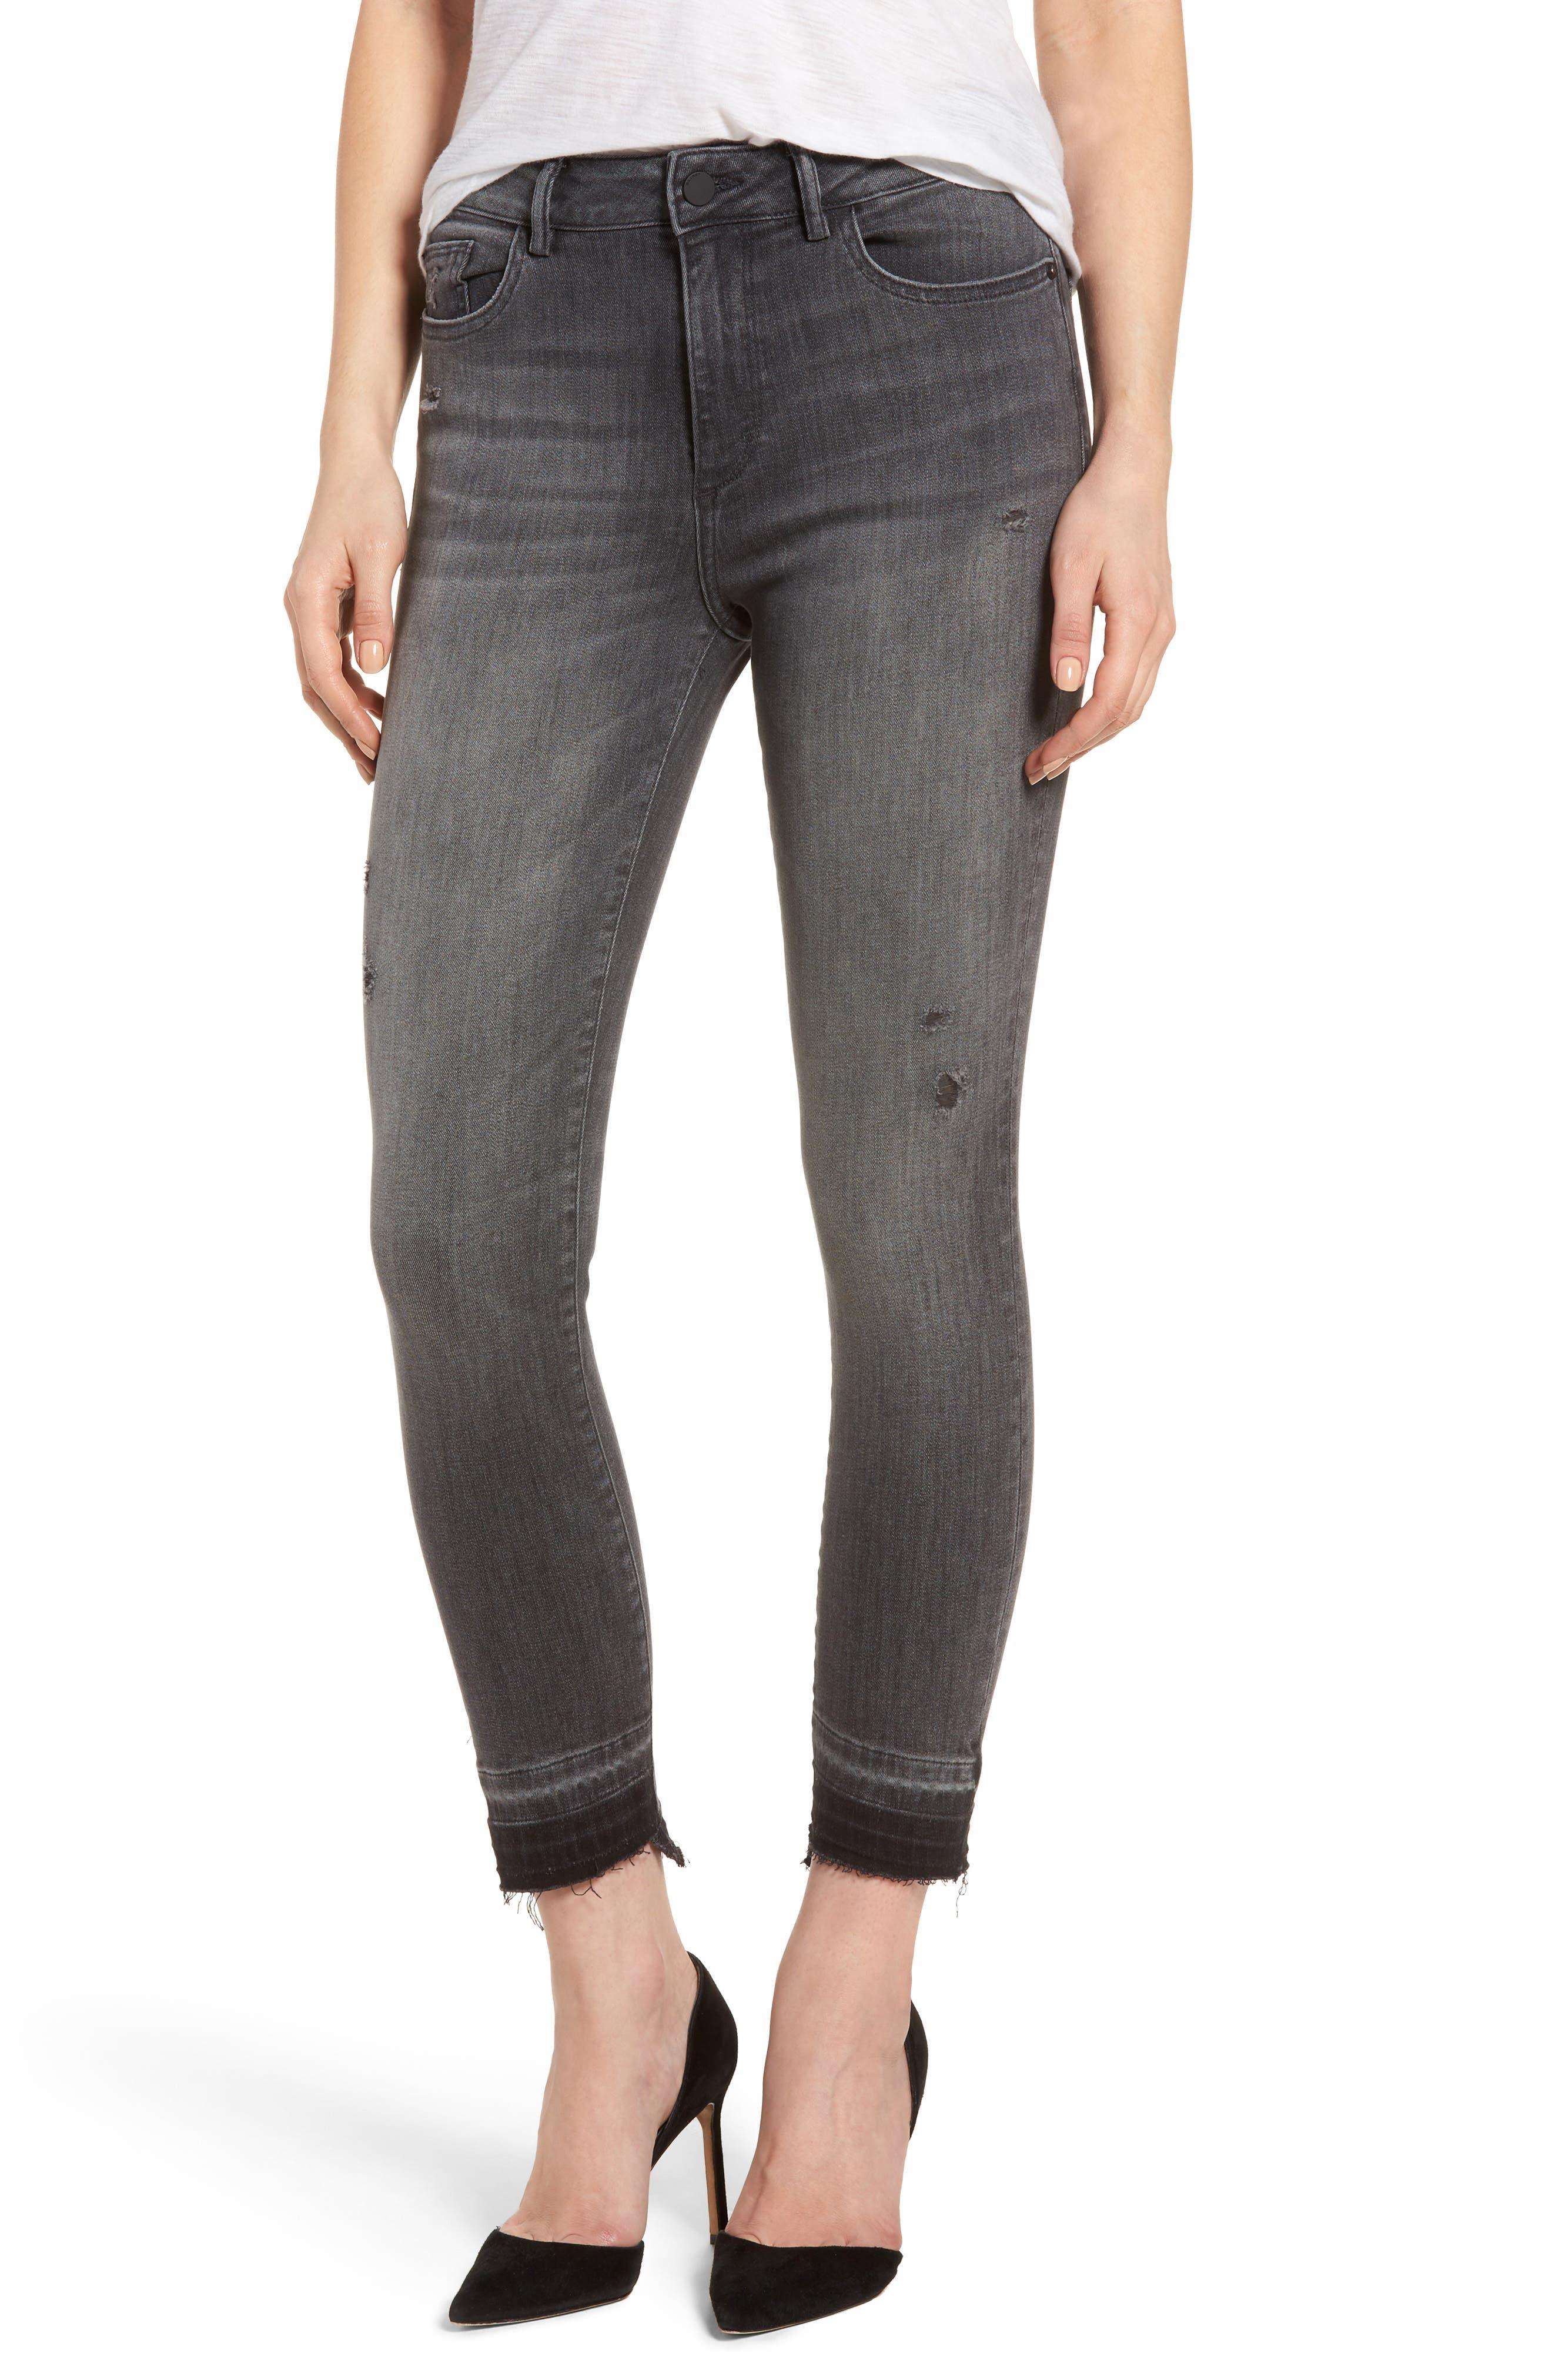 Main Image - DL1961 Farrow High Waist Instaslim Skinny Jeans (Whitney)